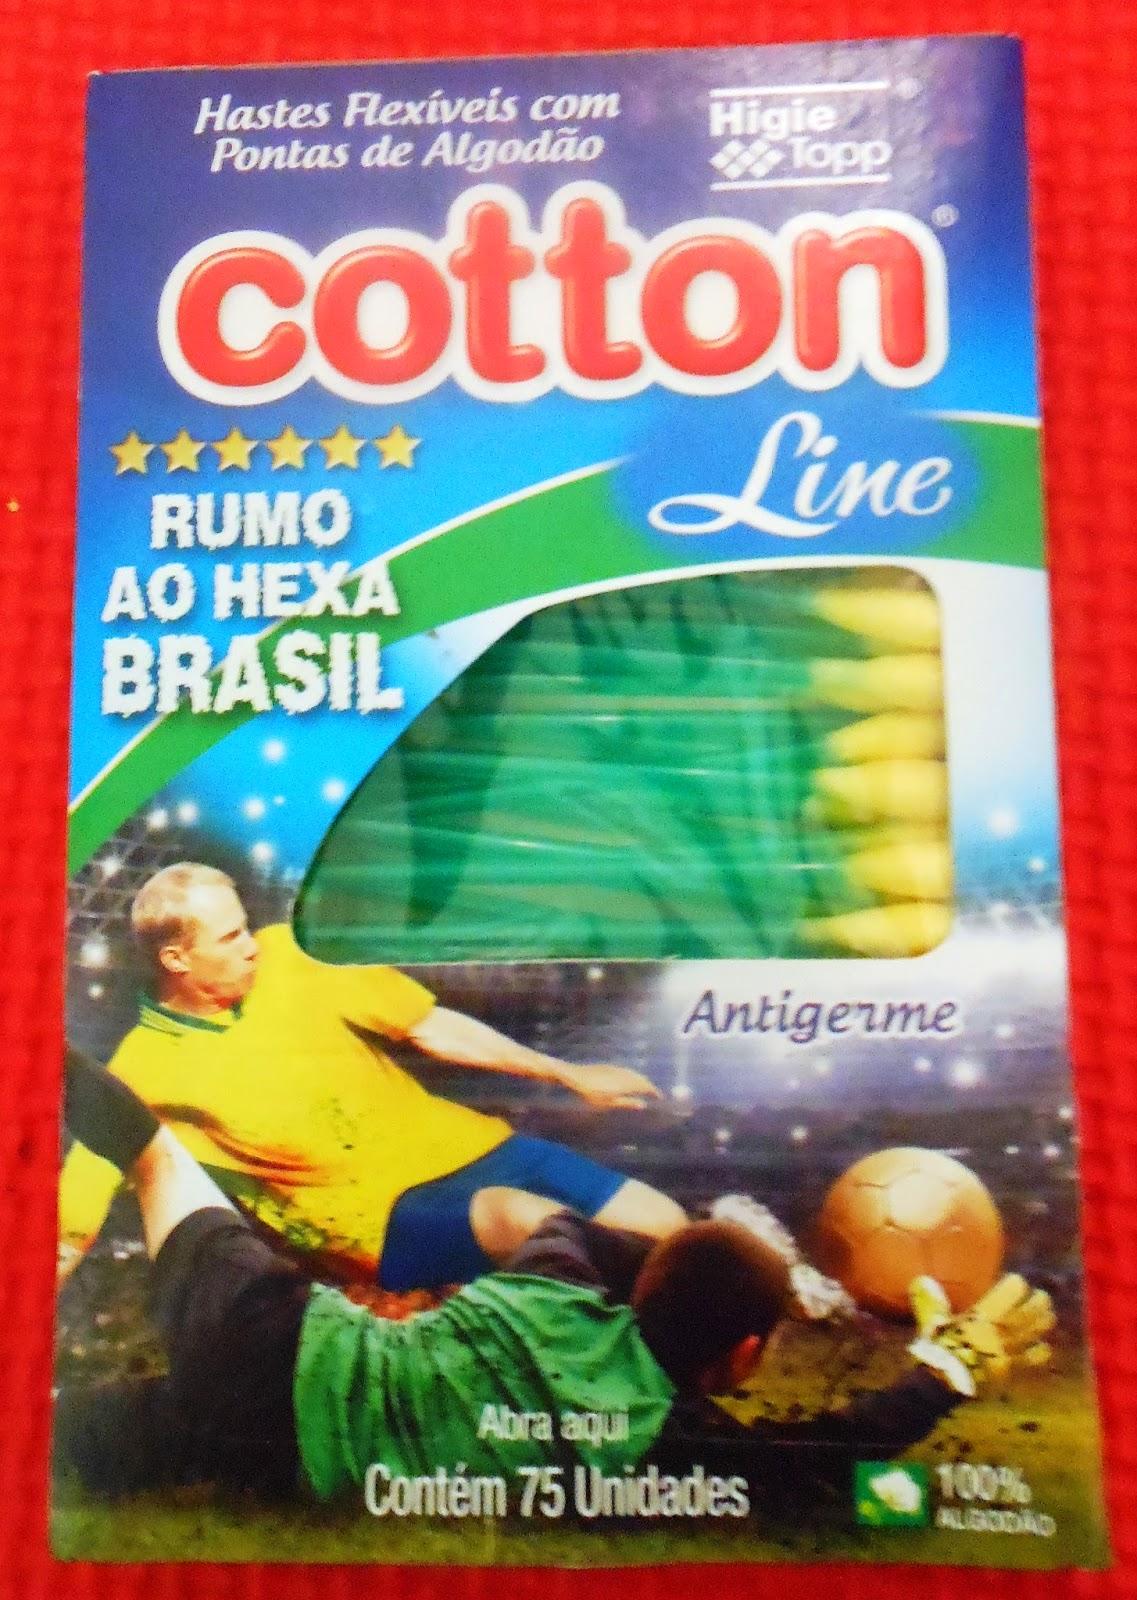 hastes flexíveis cotton line rumo ao hexa